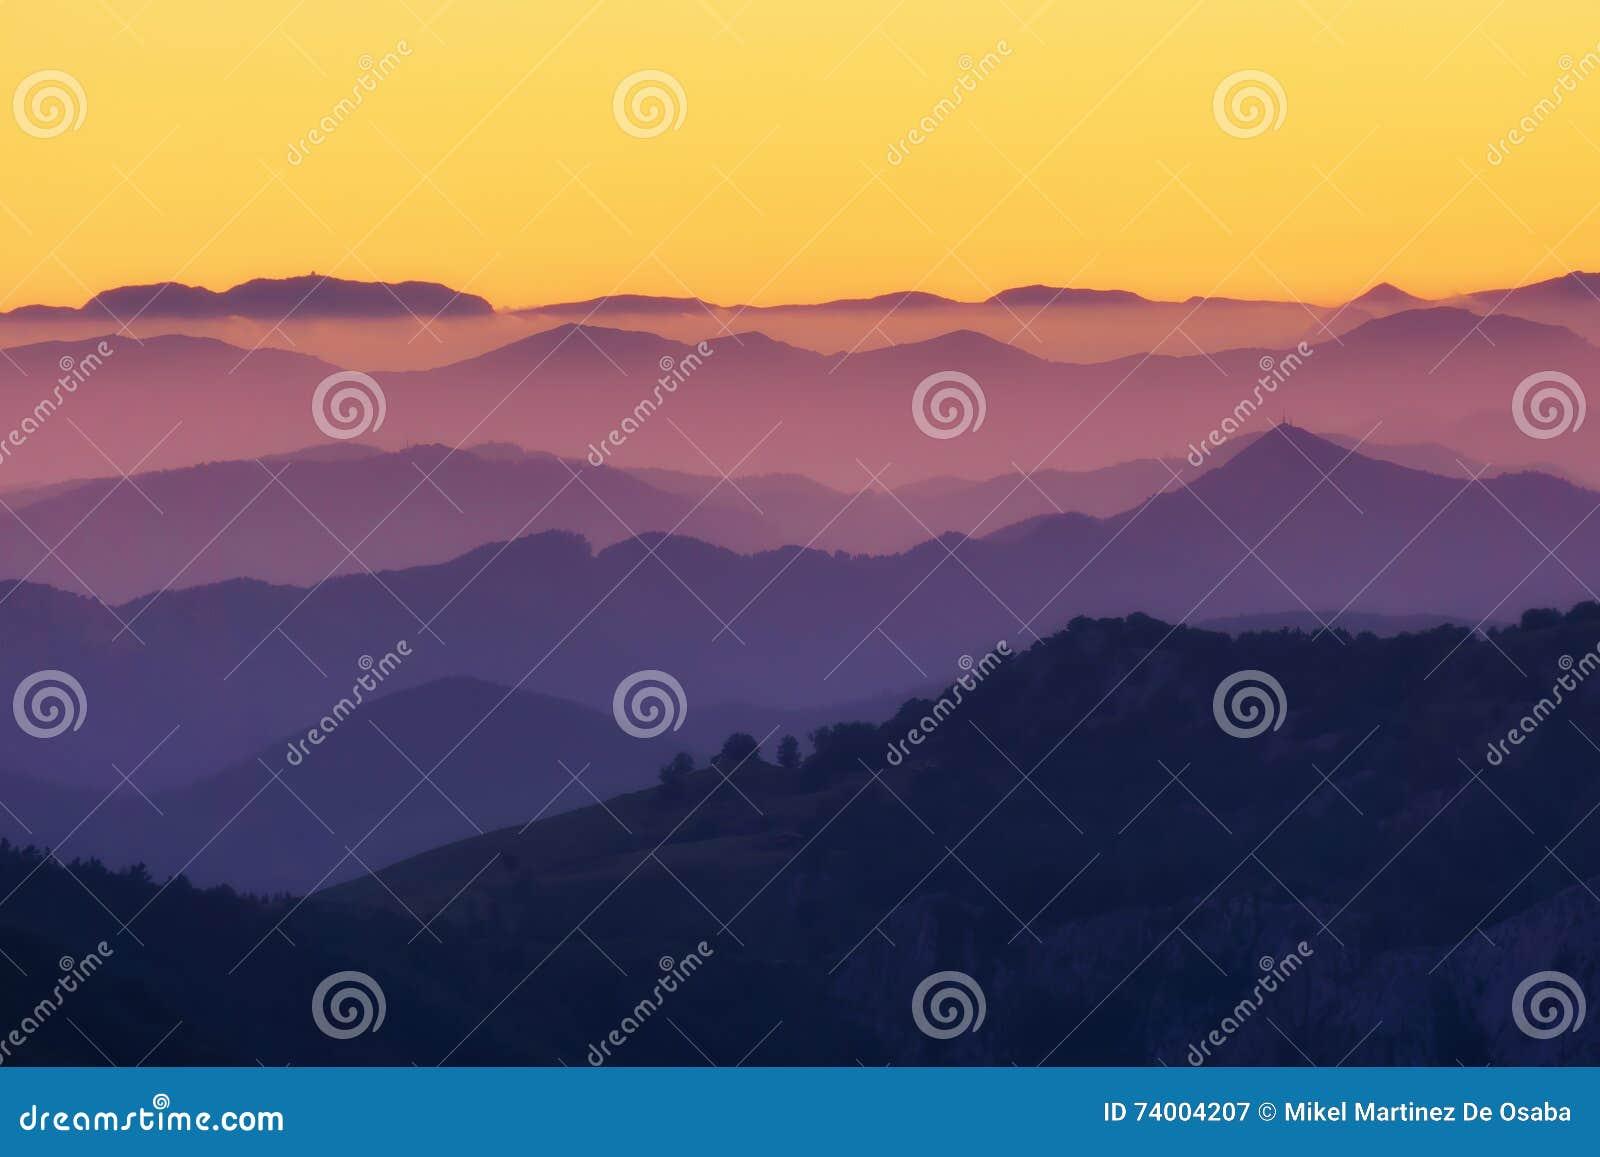 Modèle Des Couches éloignées De Montagne Au Coucher Du Soleil Image